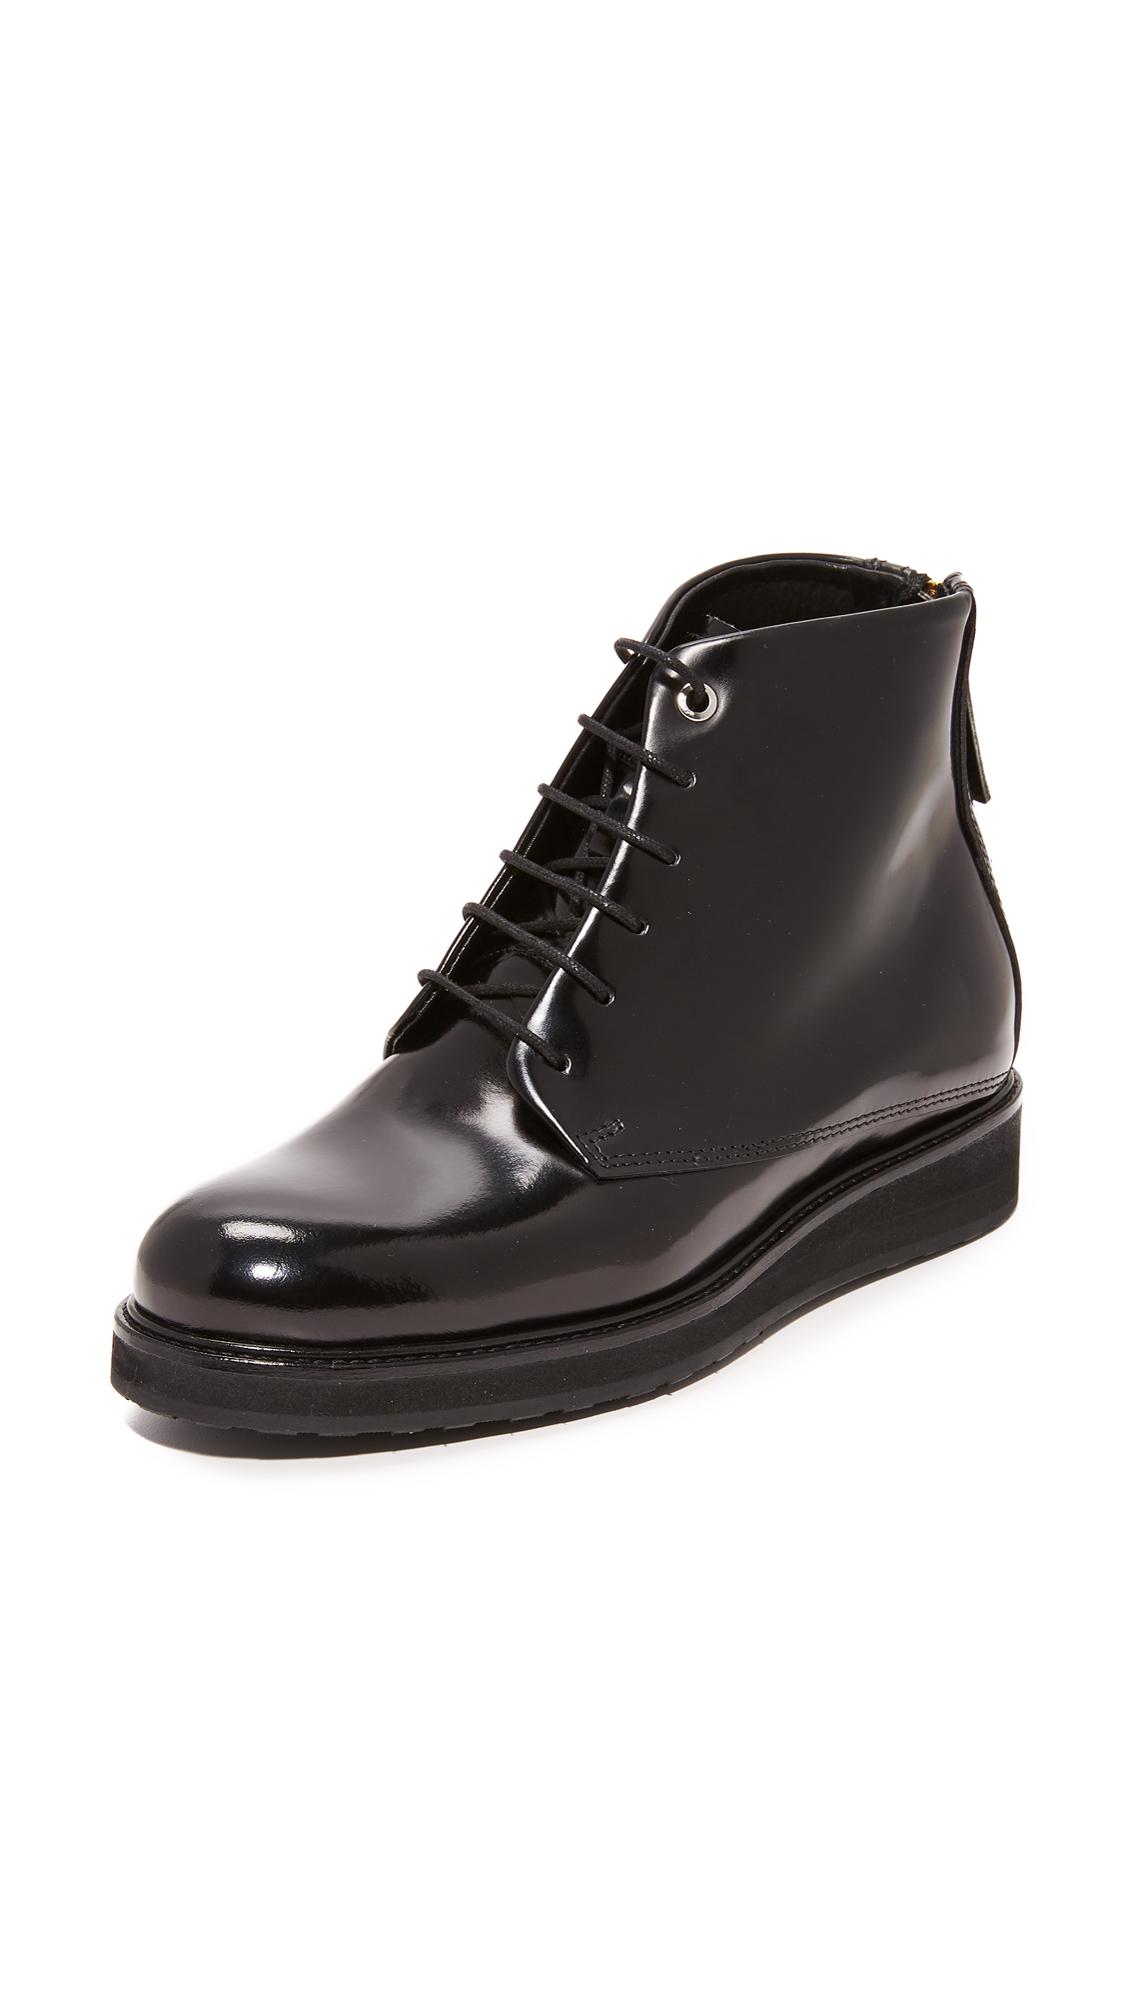 WANT LES ESSENTIELS Menara Zip Booties - Black/Black